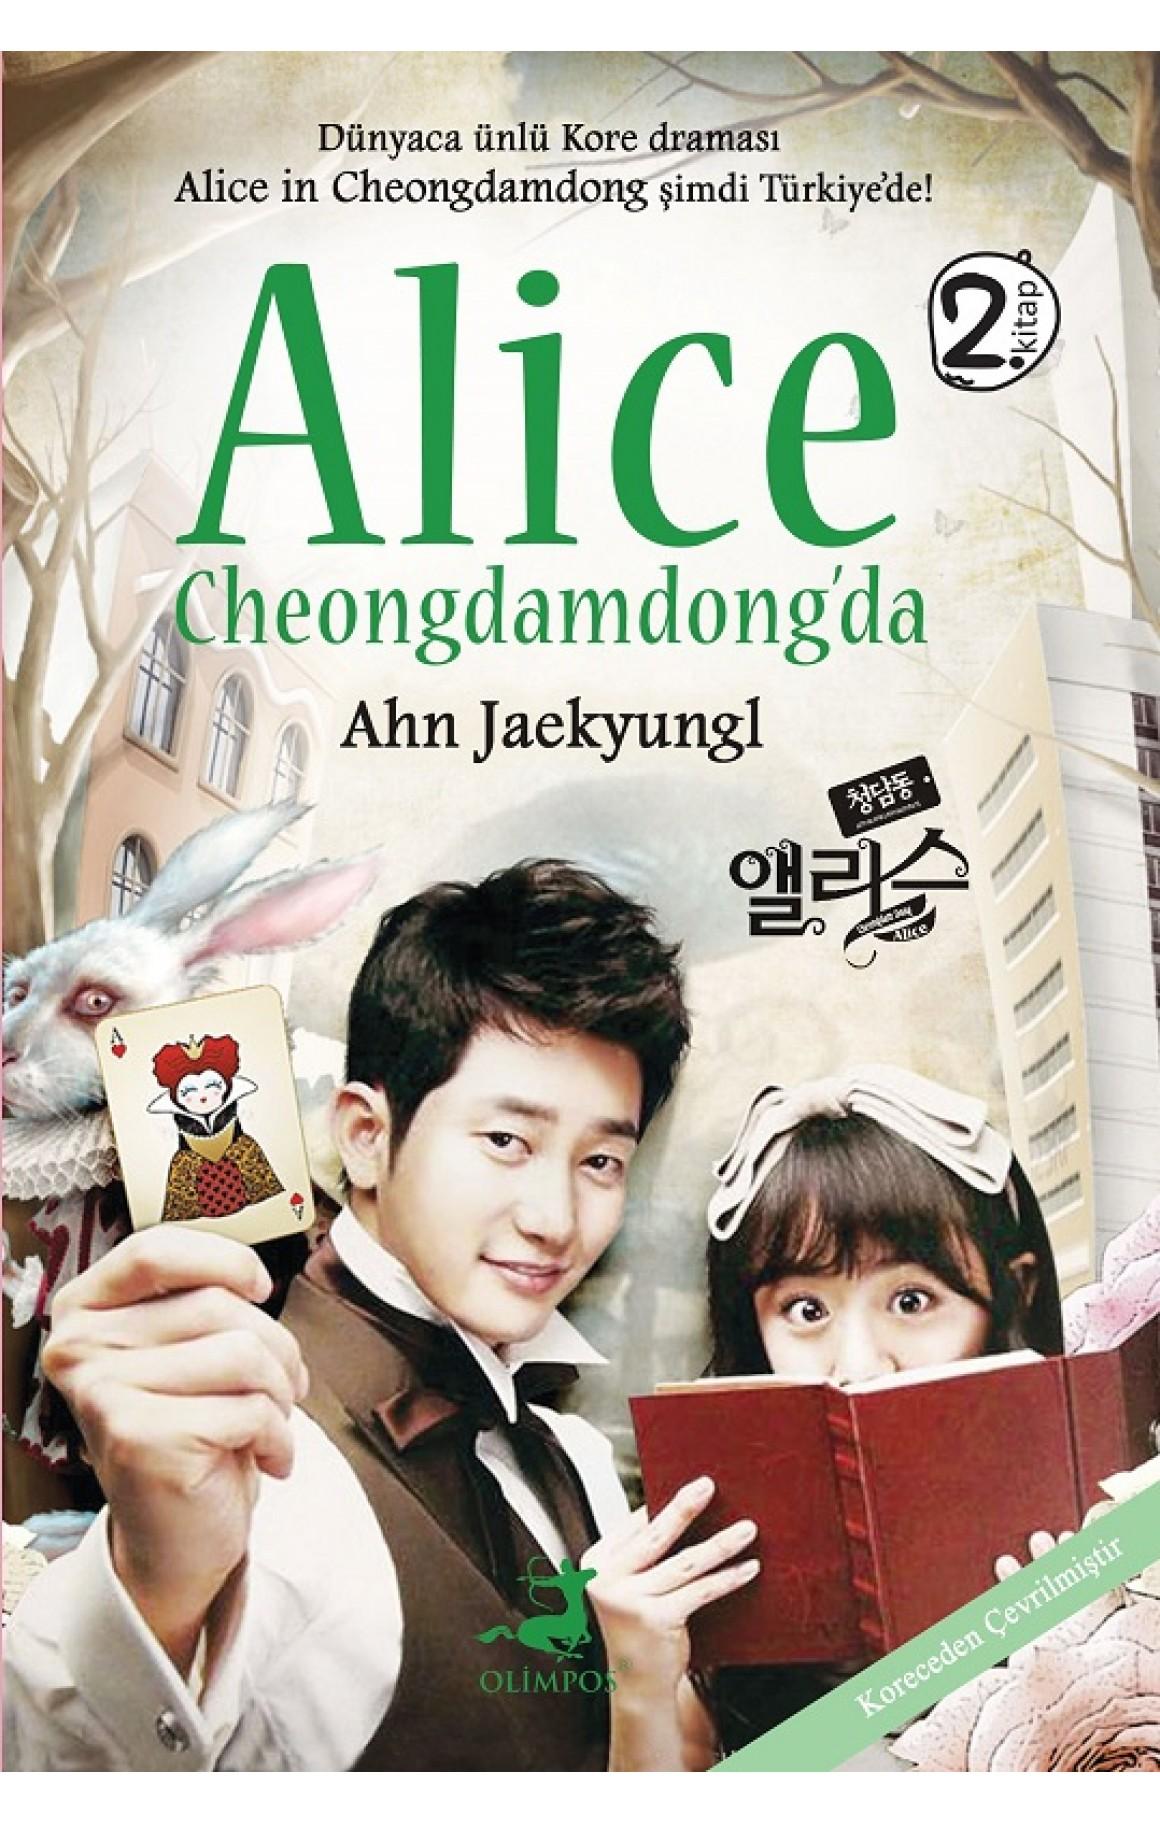 Alice Cheongdamdongda 2(Ciltli)